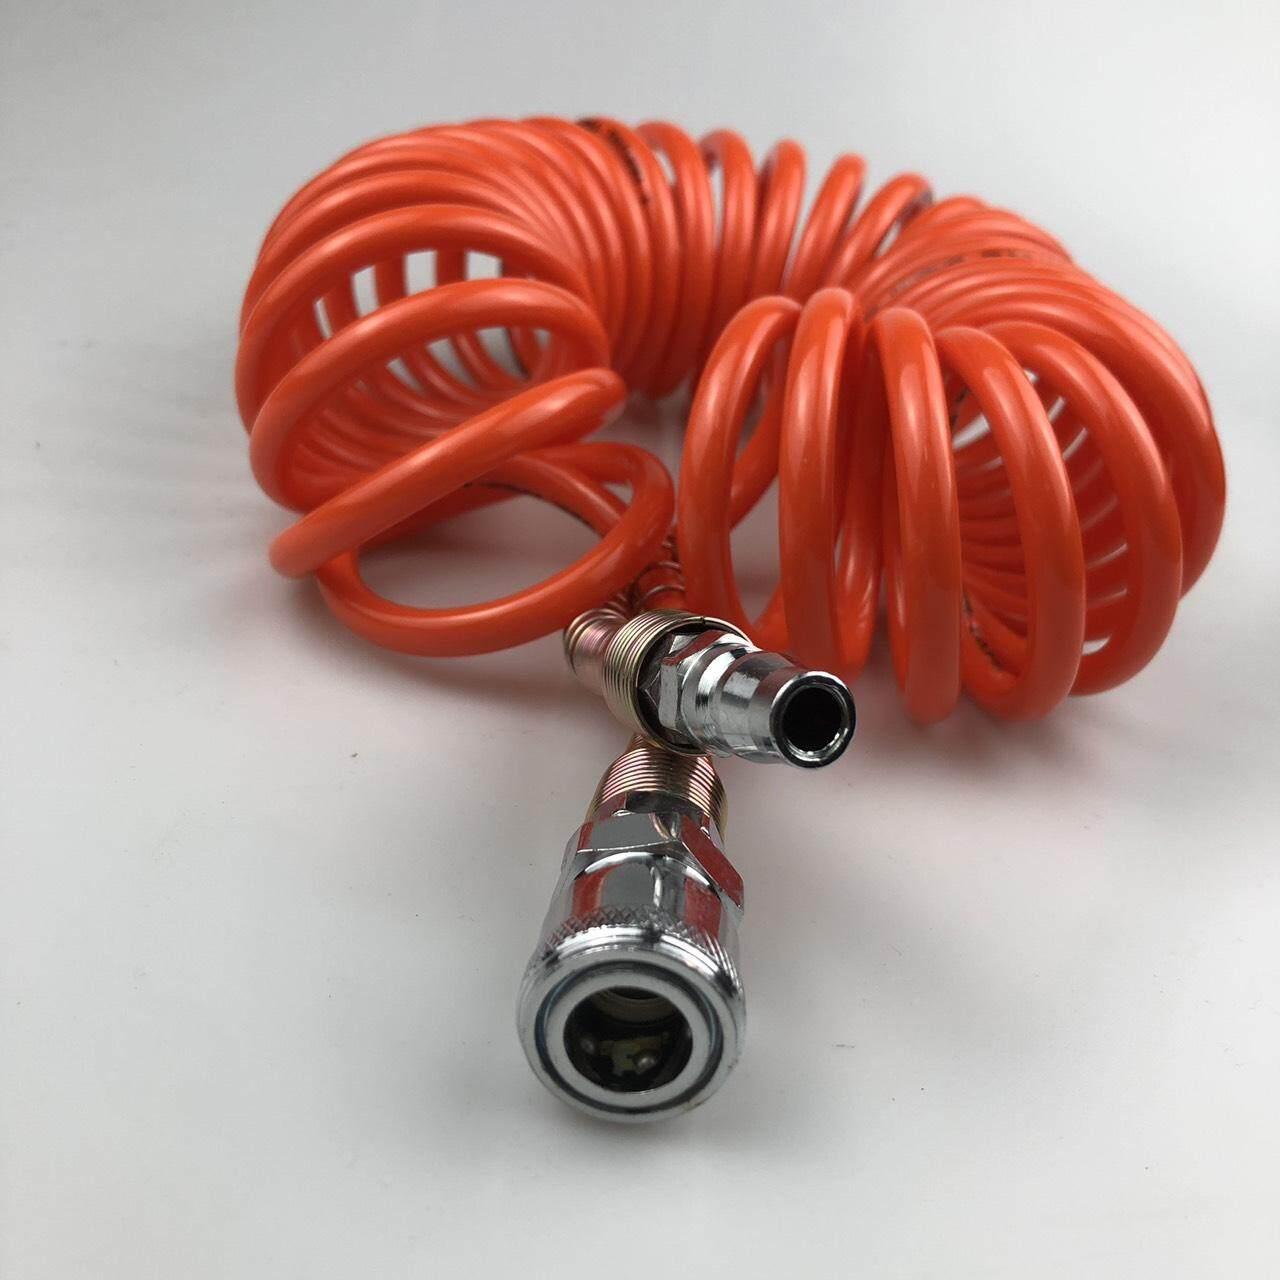 สายลมสปริง PU AIR HOSE ขนาด5*8 ความยาว6เมตร มีคอปเปอร์หัวท้าย (สีส้ม)